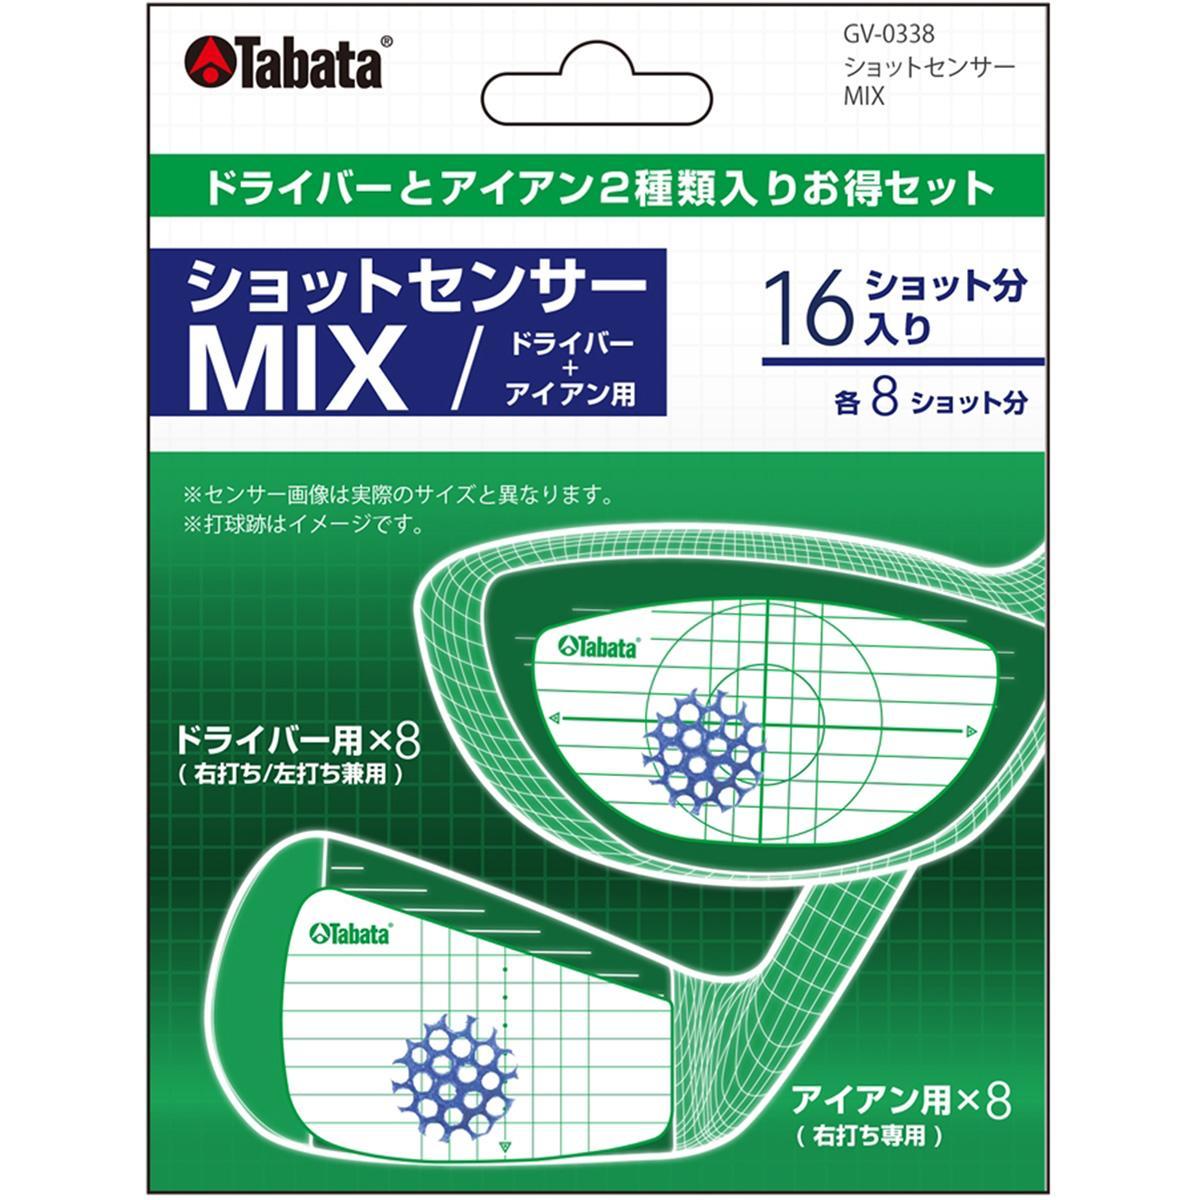 タバタ Tabata ショットセンサーMIX GV0338画像